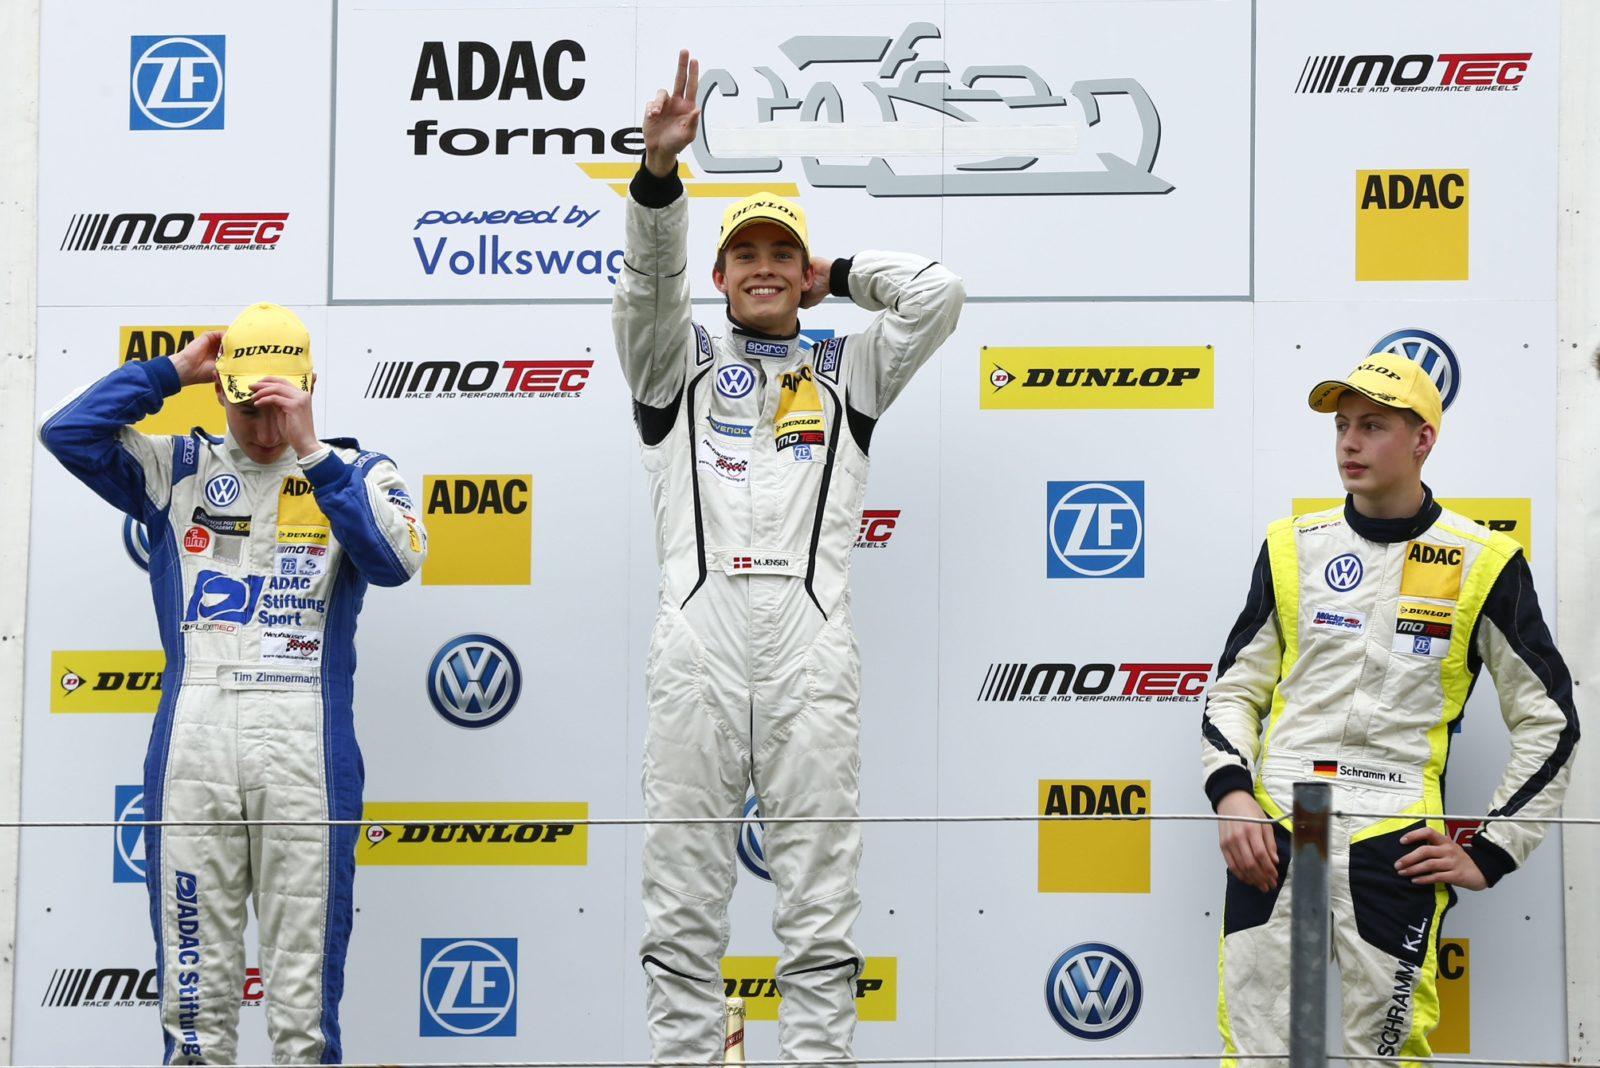 Mikkel Jensen, Zandvoort 2014 ADAC Motorsport